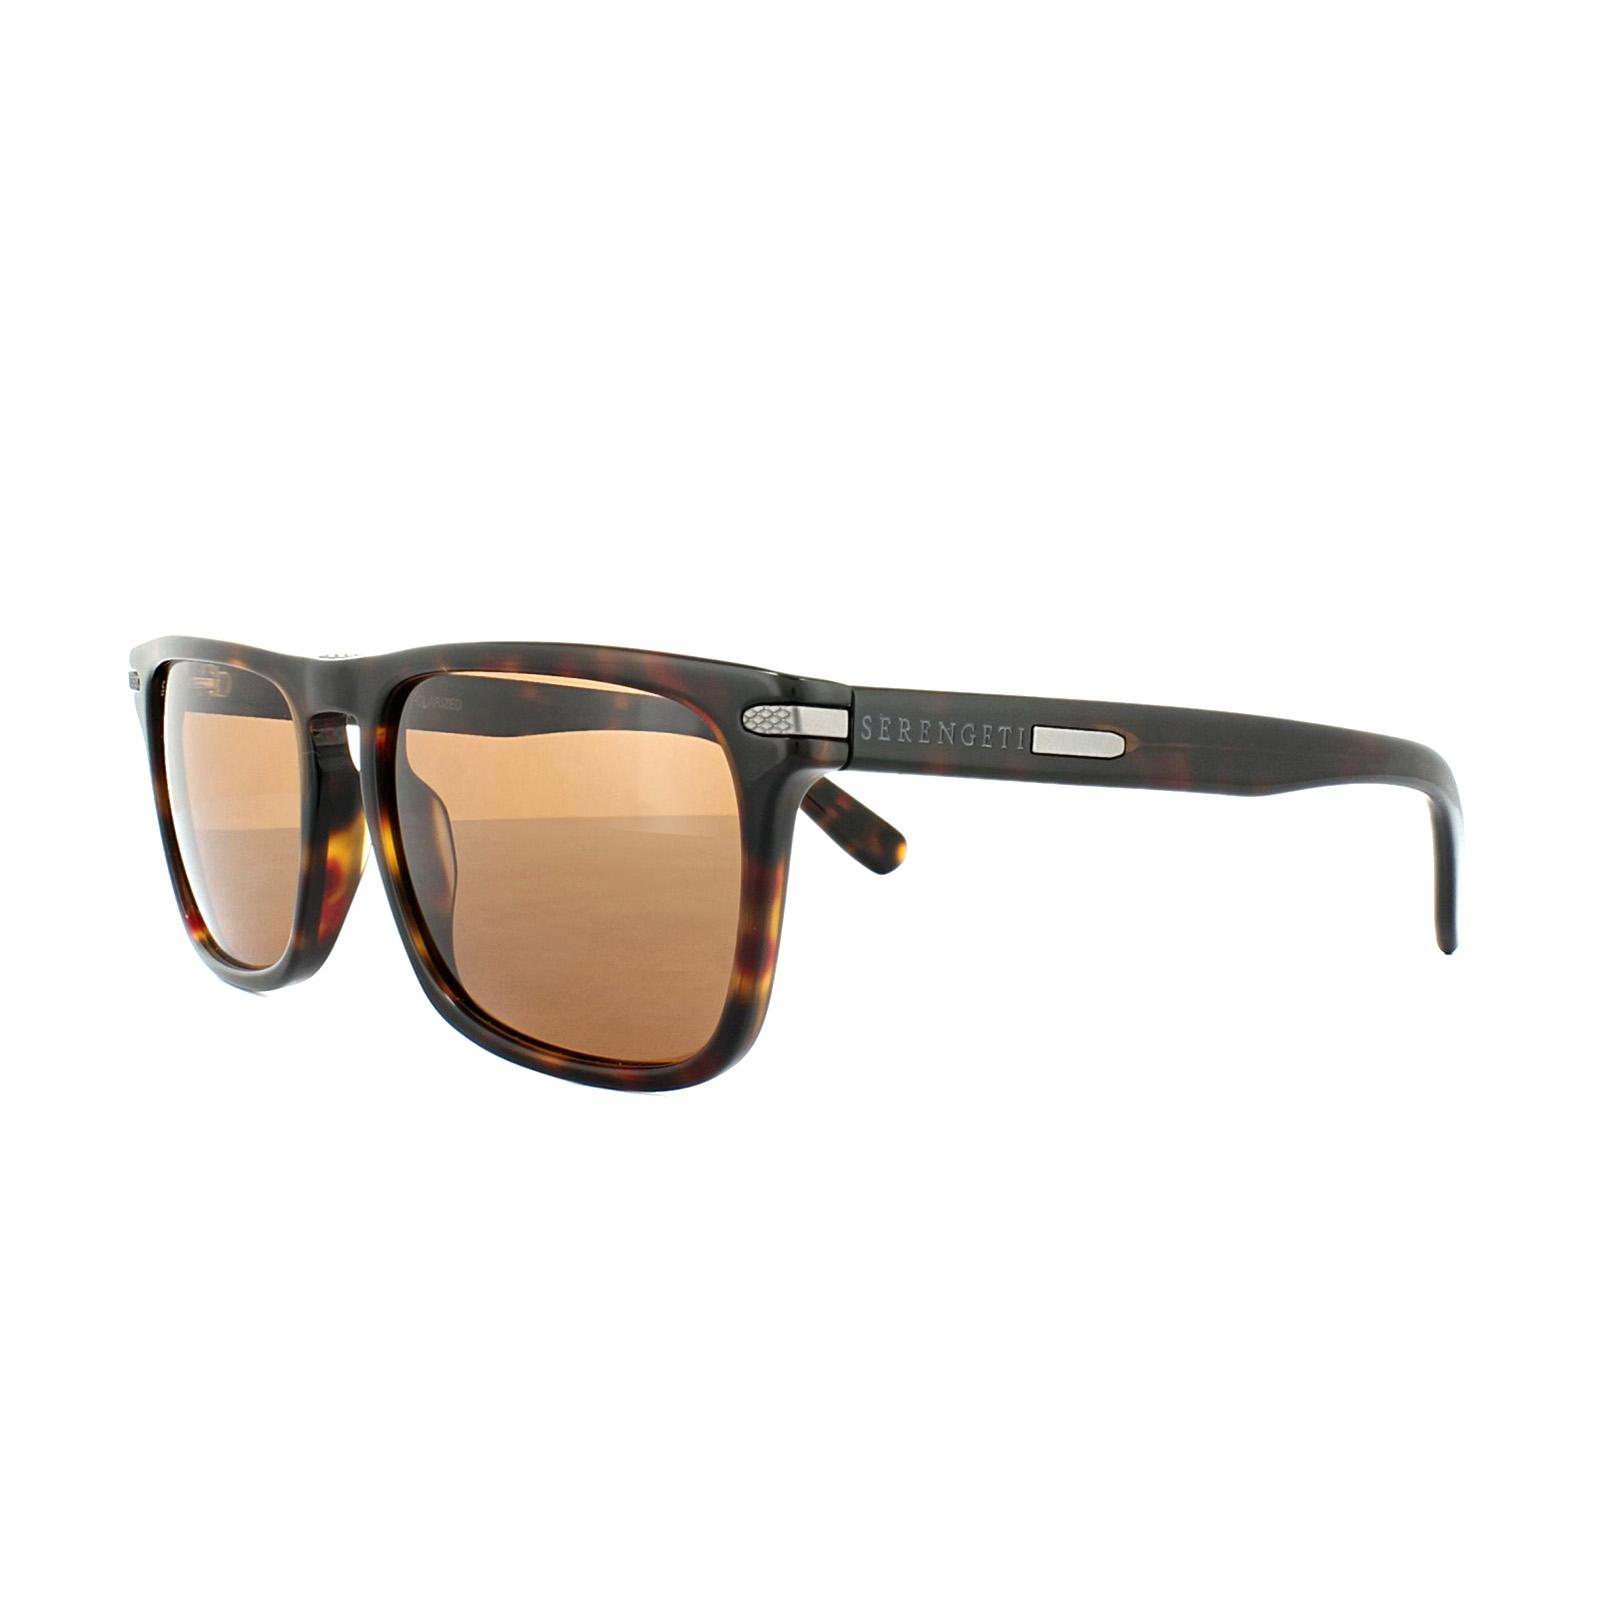 fea8c37de8 CENTINELA Serengeti gafas de sol Carlo 8159 la Habana oscuro conductores  marrón polarizado